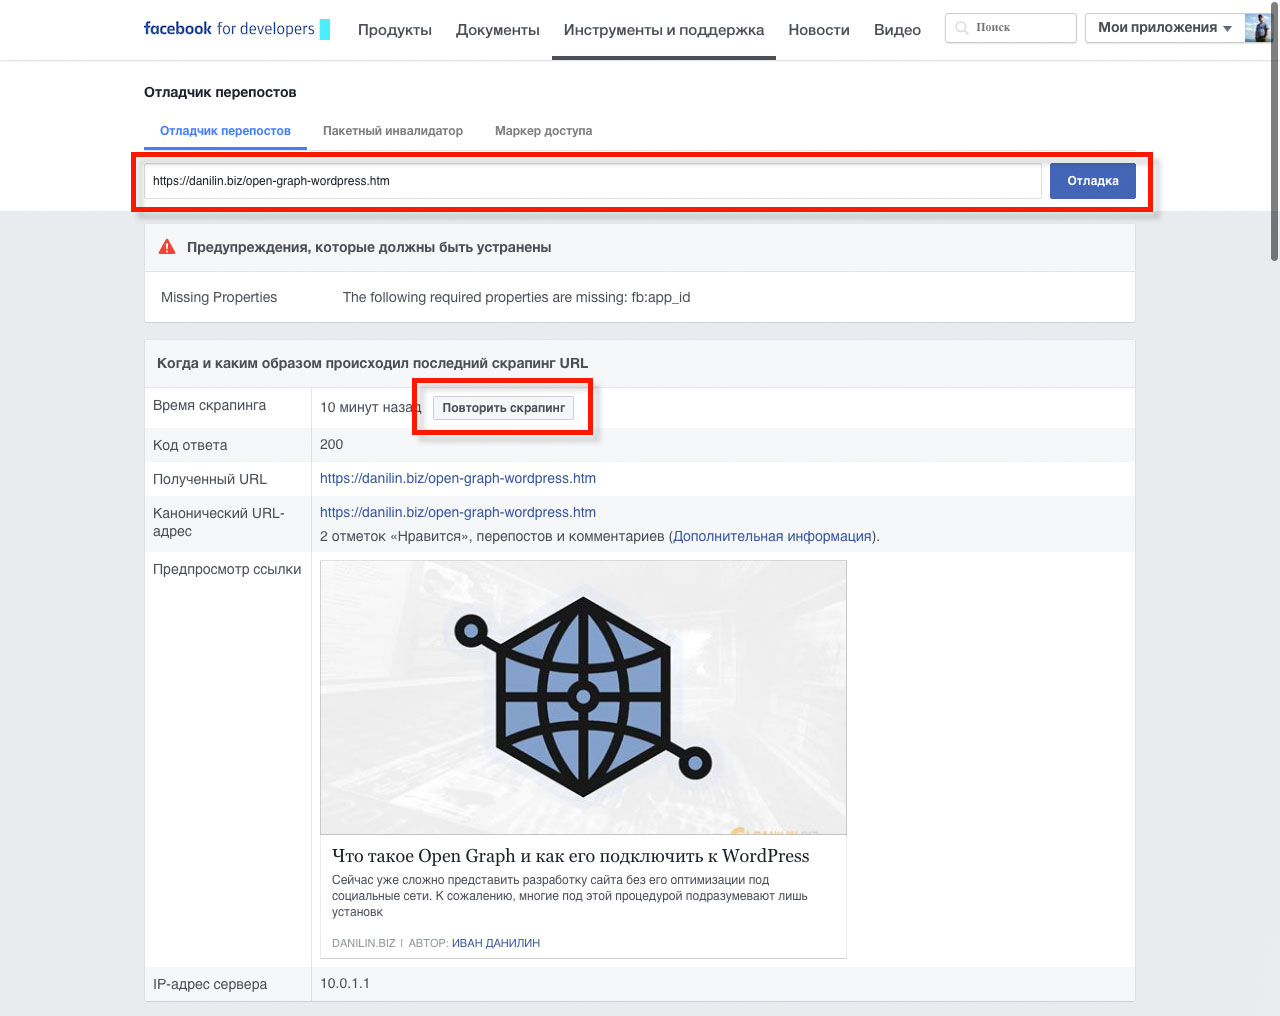 Как очистить кеш в Фейсбуке